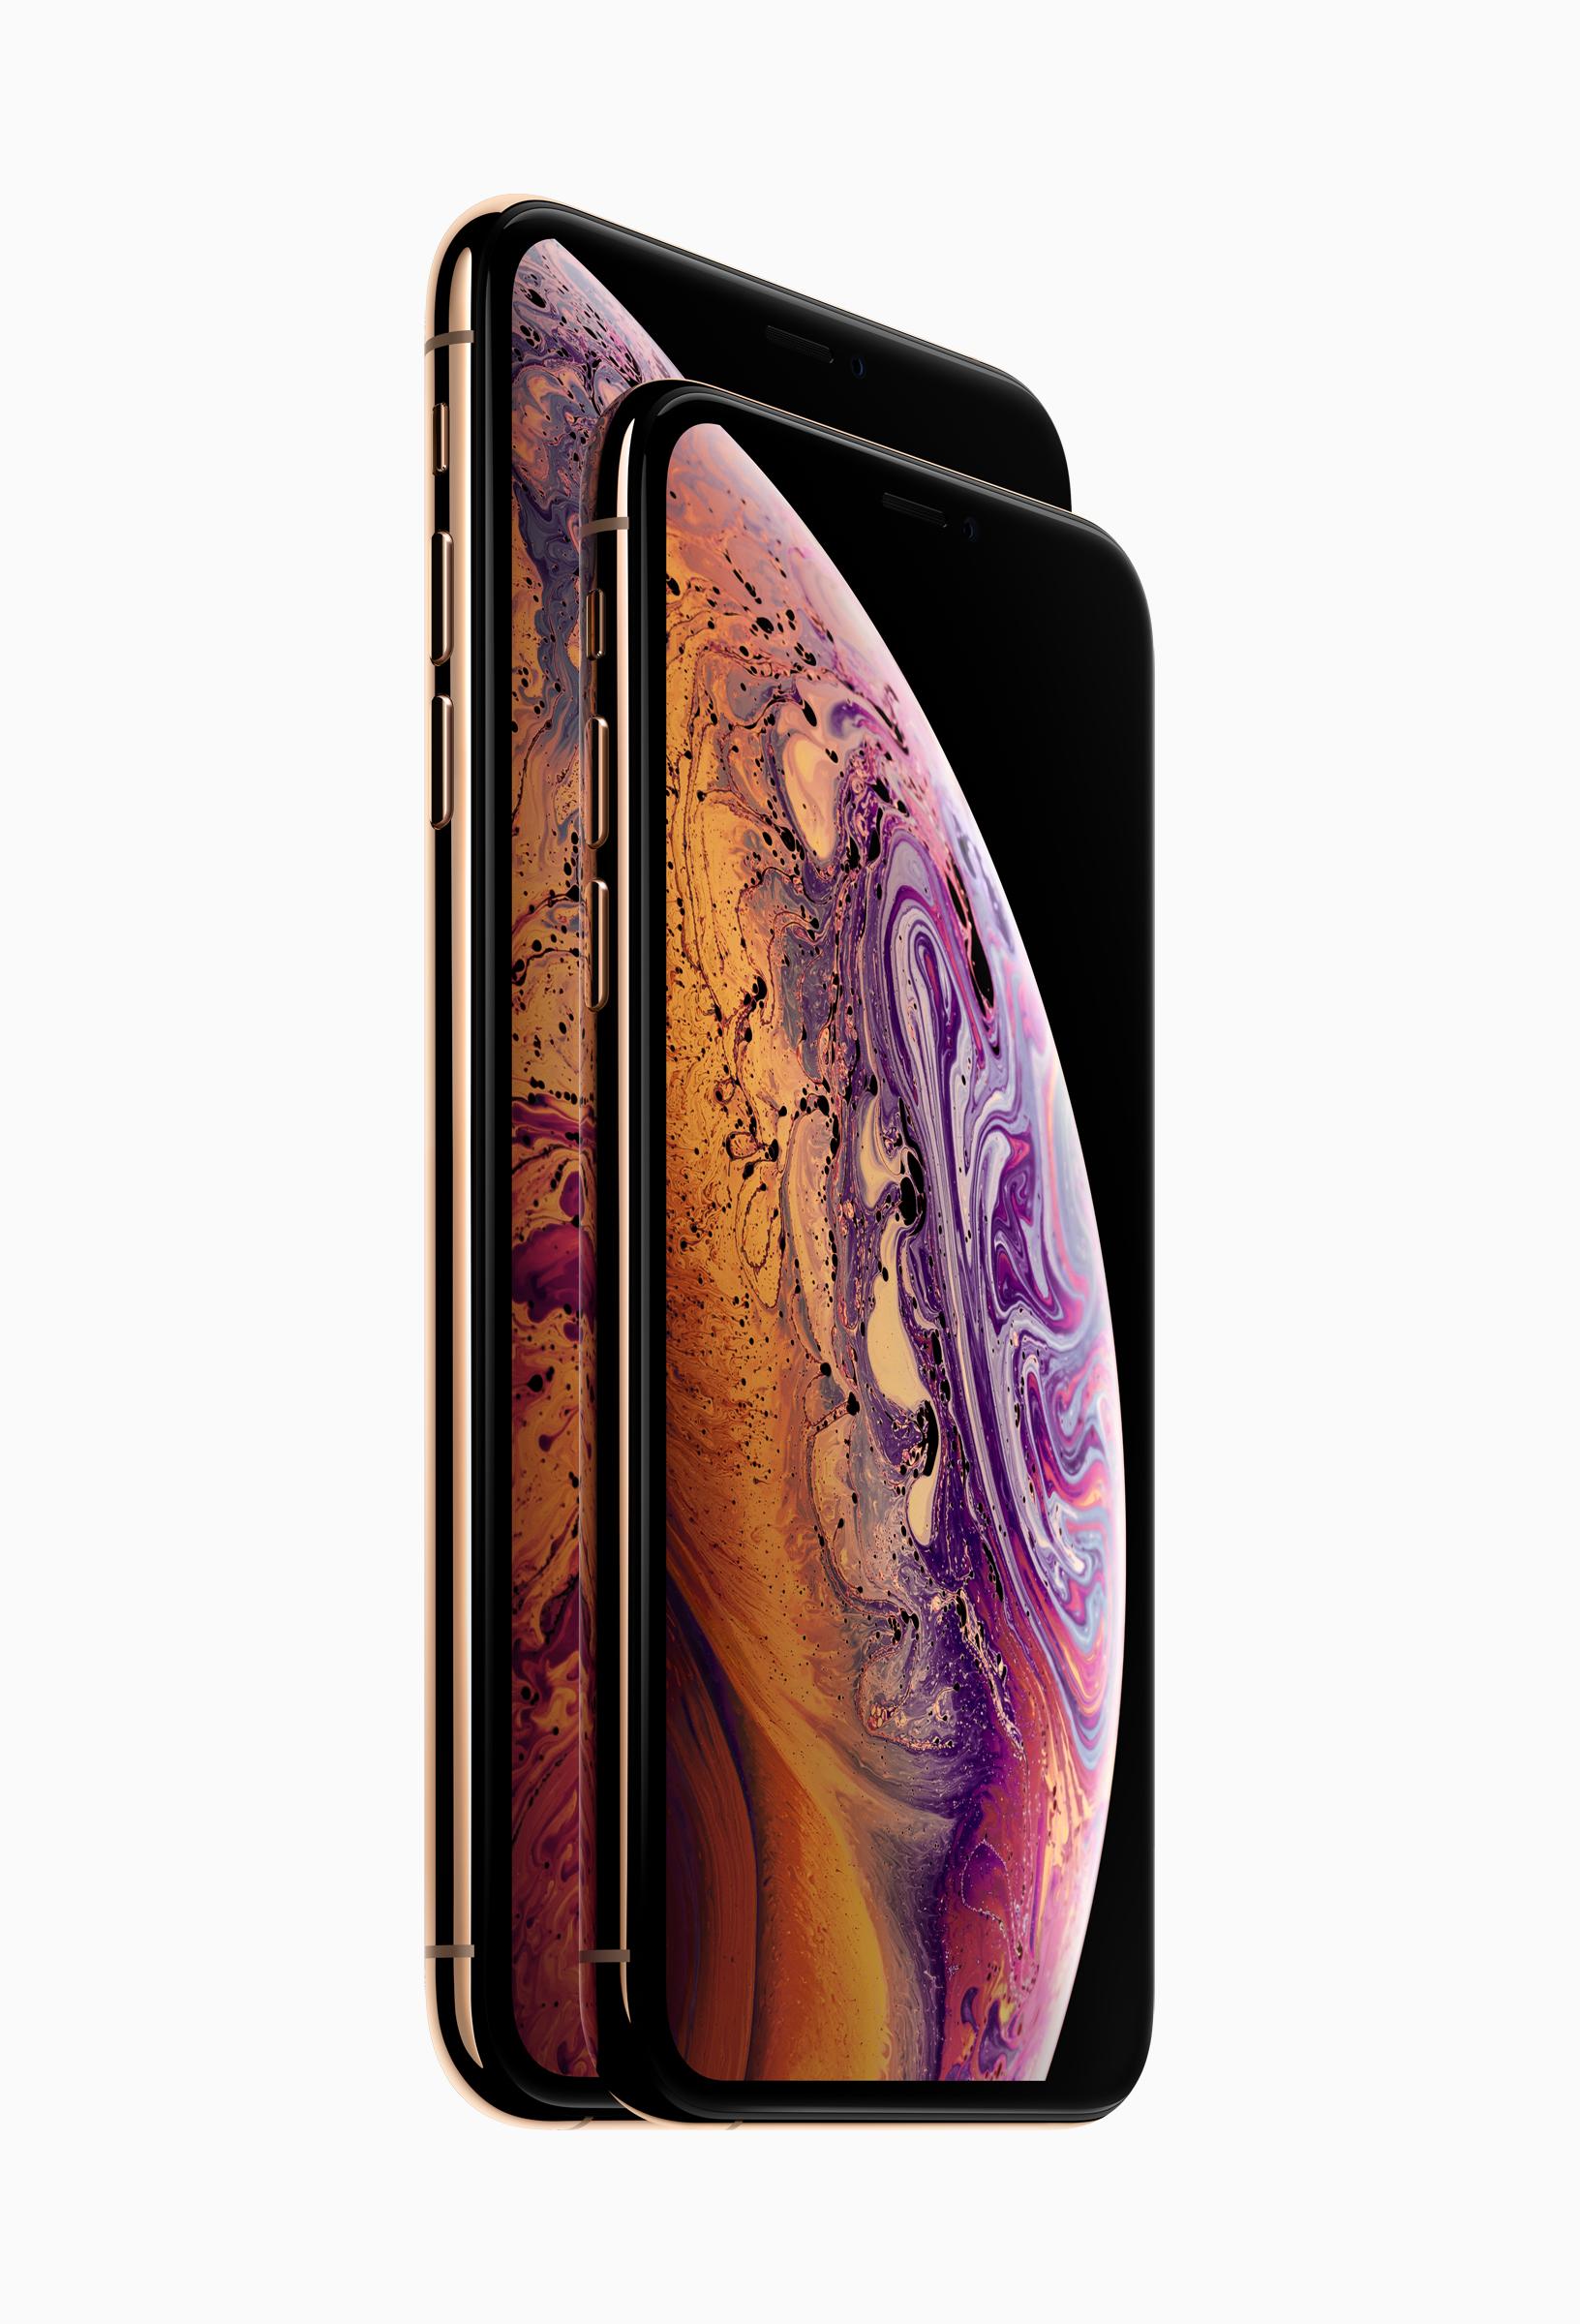 Apple iPhone XS et iPhone XS Max : le nouveau modem 4G LTE semble bien plus performant